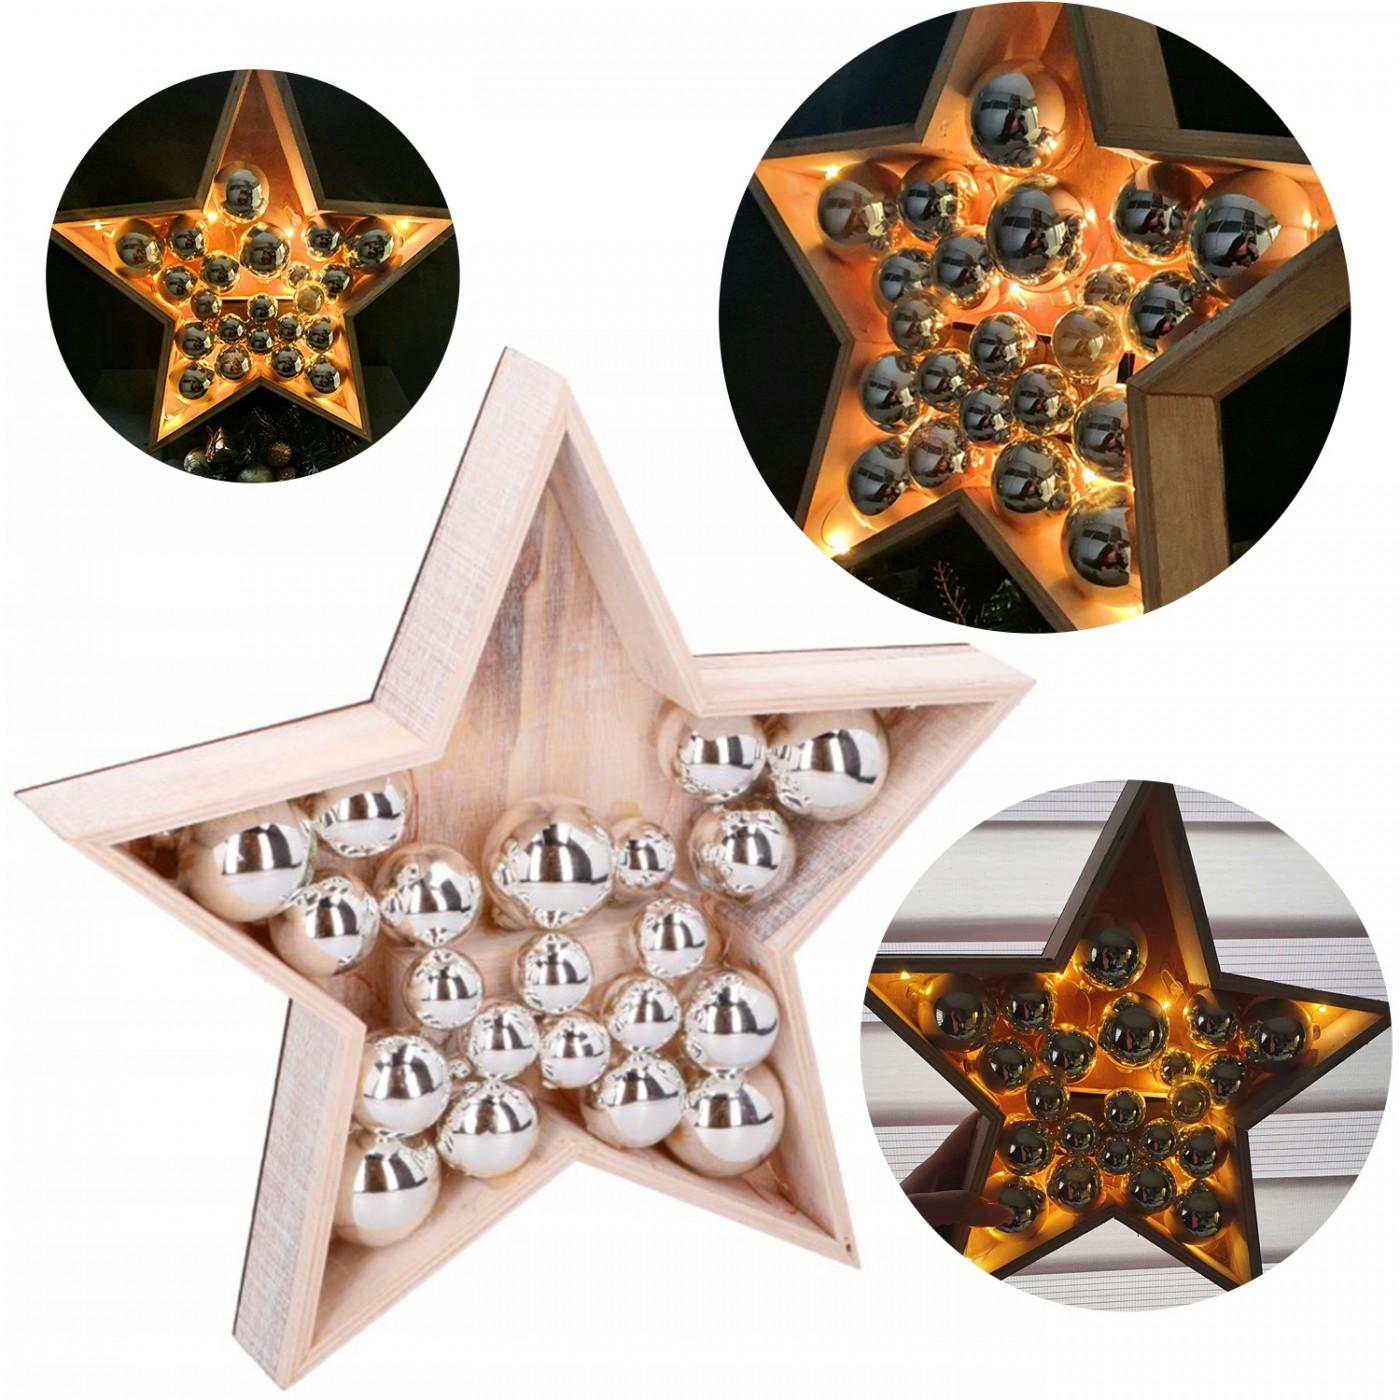 Gwiazda dekoracyjna drewniana z lampkami LED i bombkami